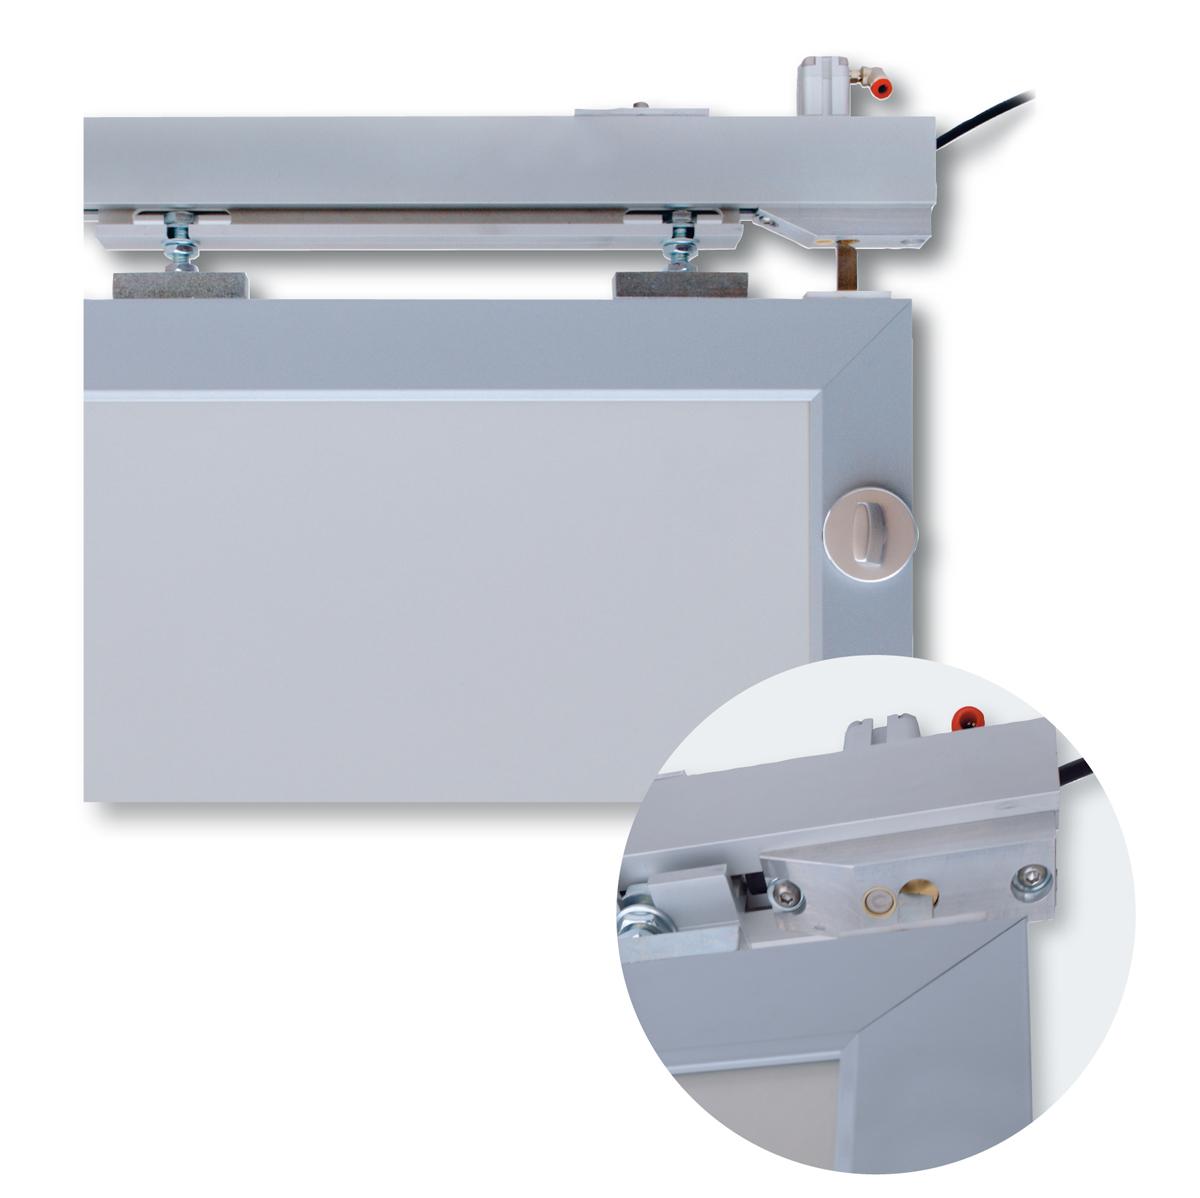 Handbetätigtes Türsystem für gerade oder gebogene WC-Türen